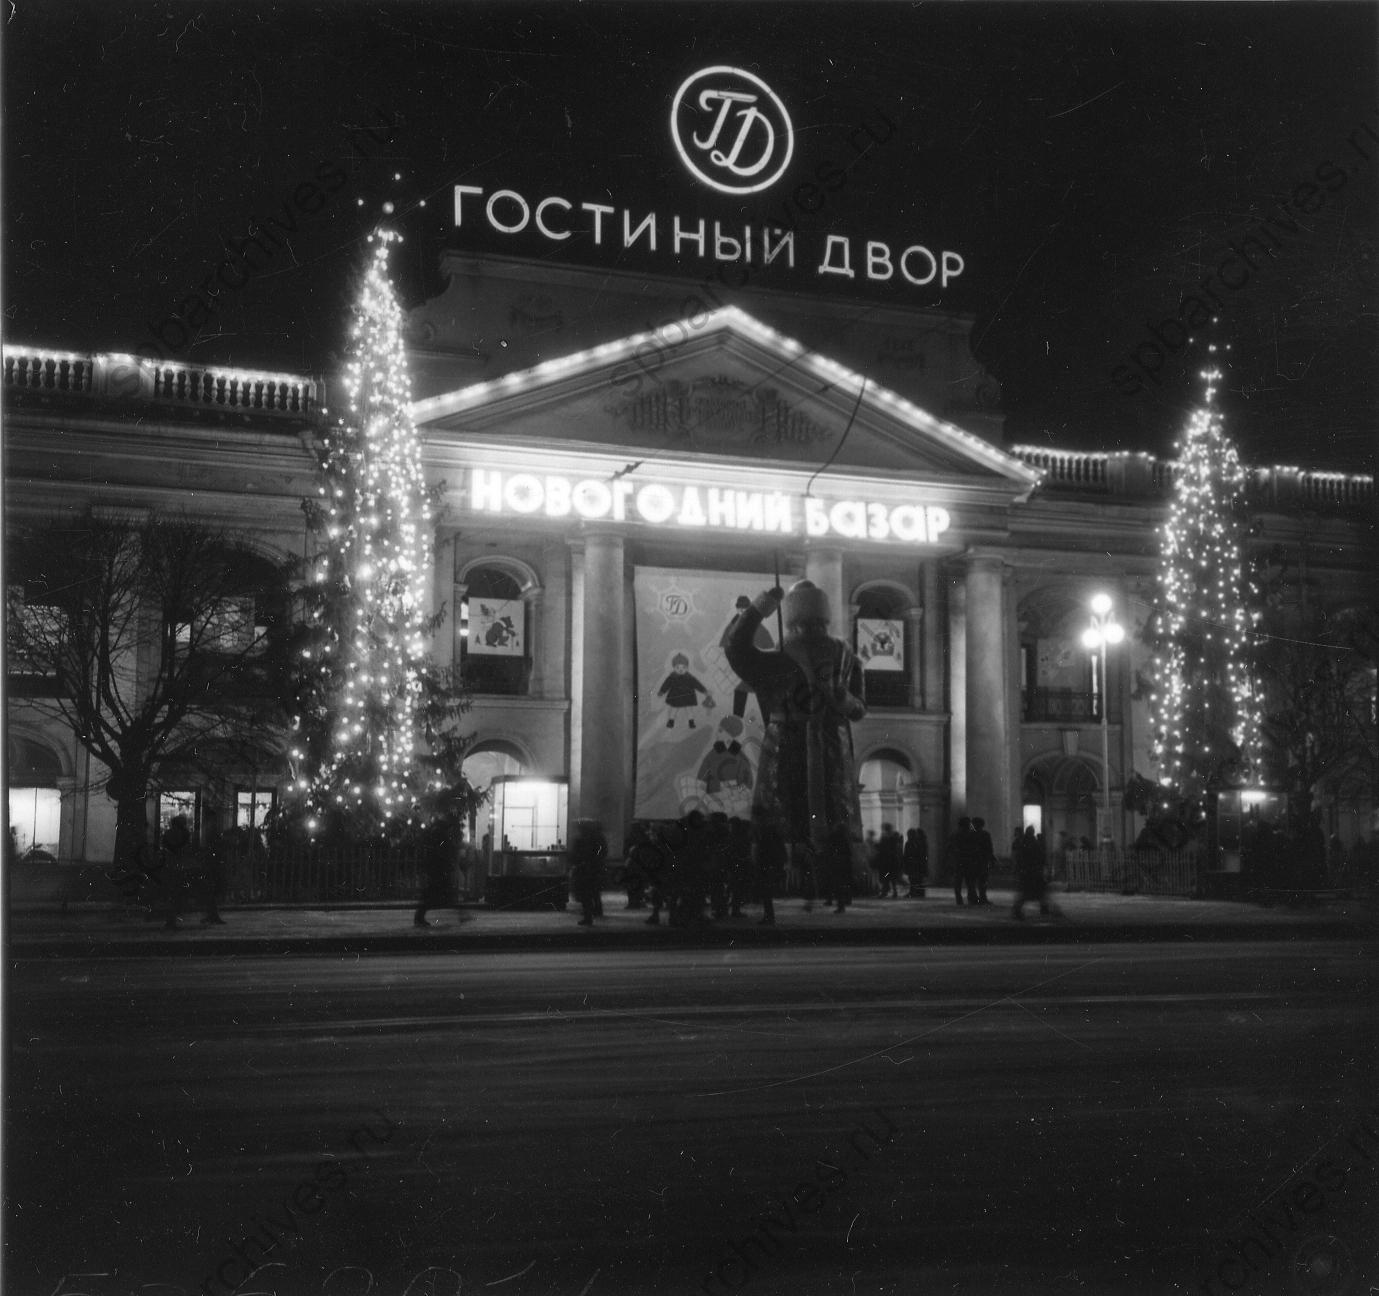 1966. Фасад здания Гостиного двора, где открылся традиционный новогодний базар